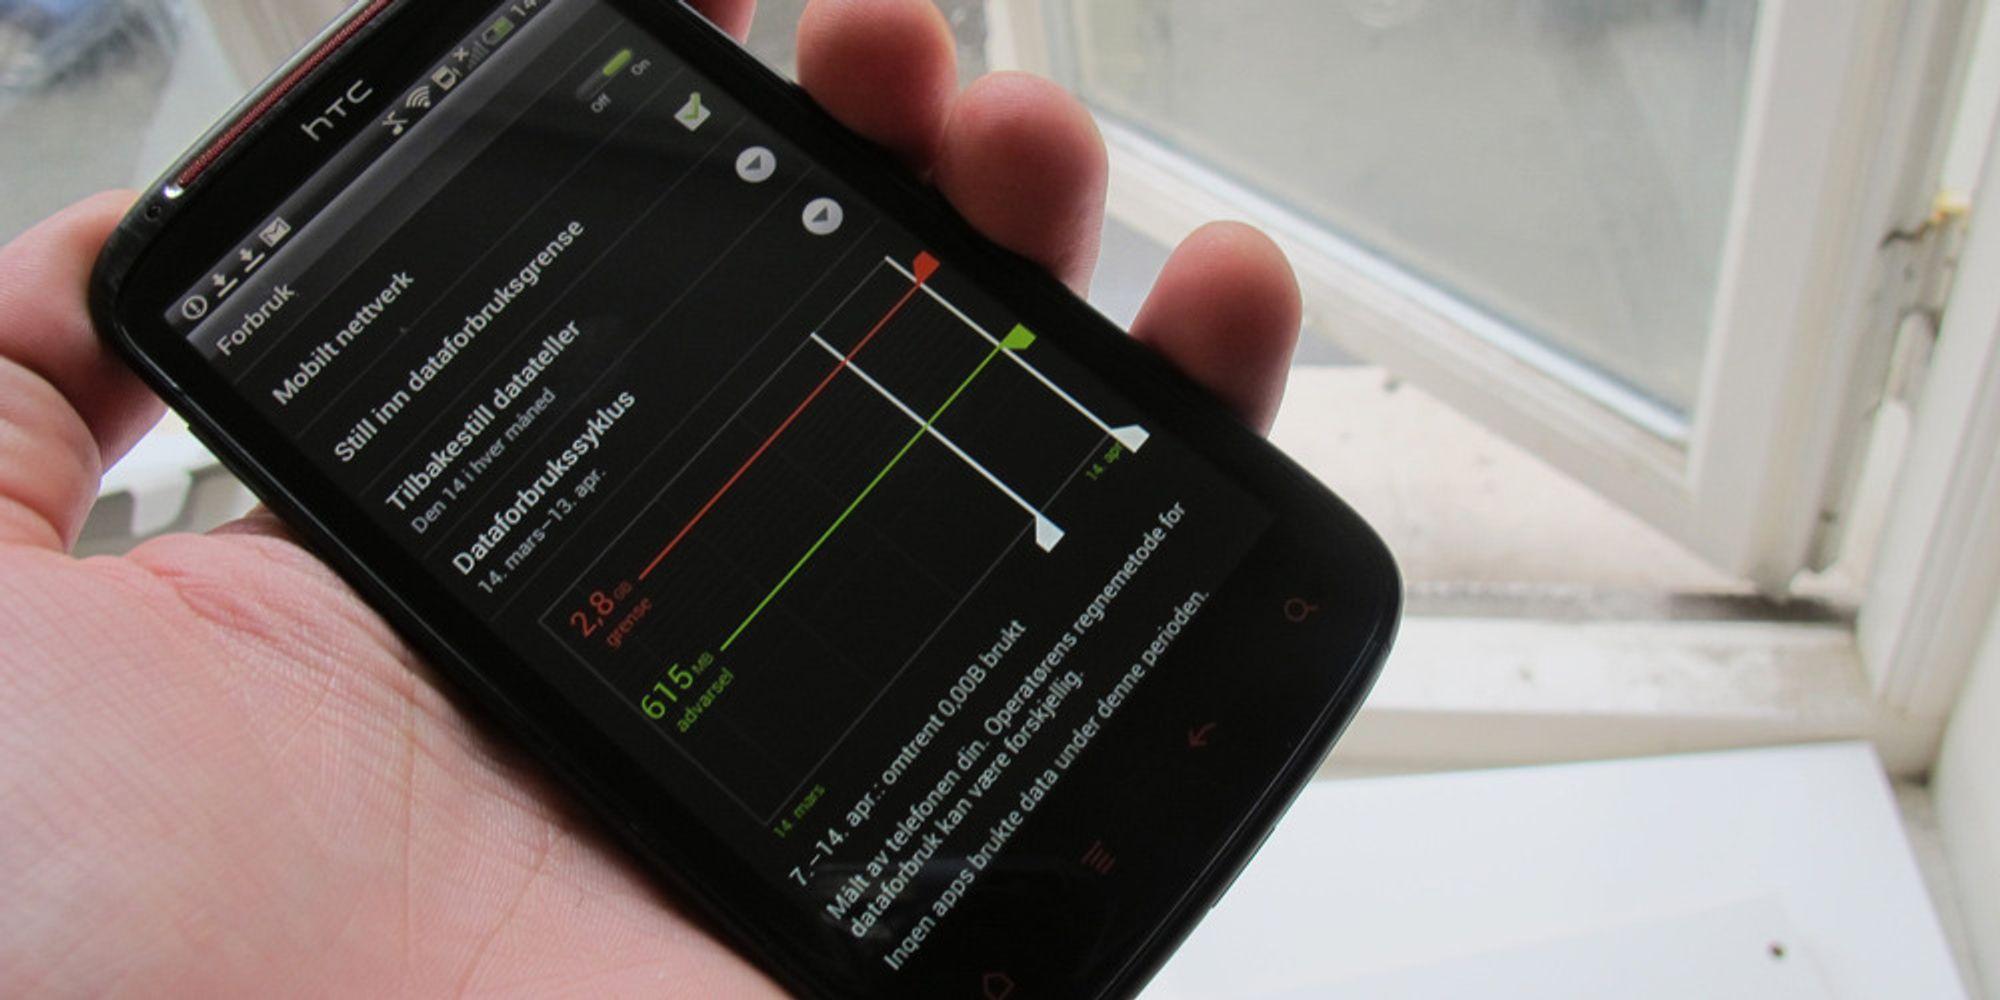 5 funksjoner vi digger i Android 4.0